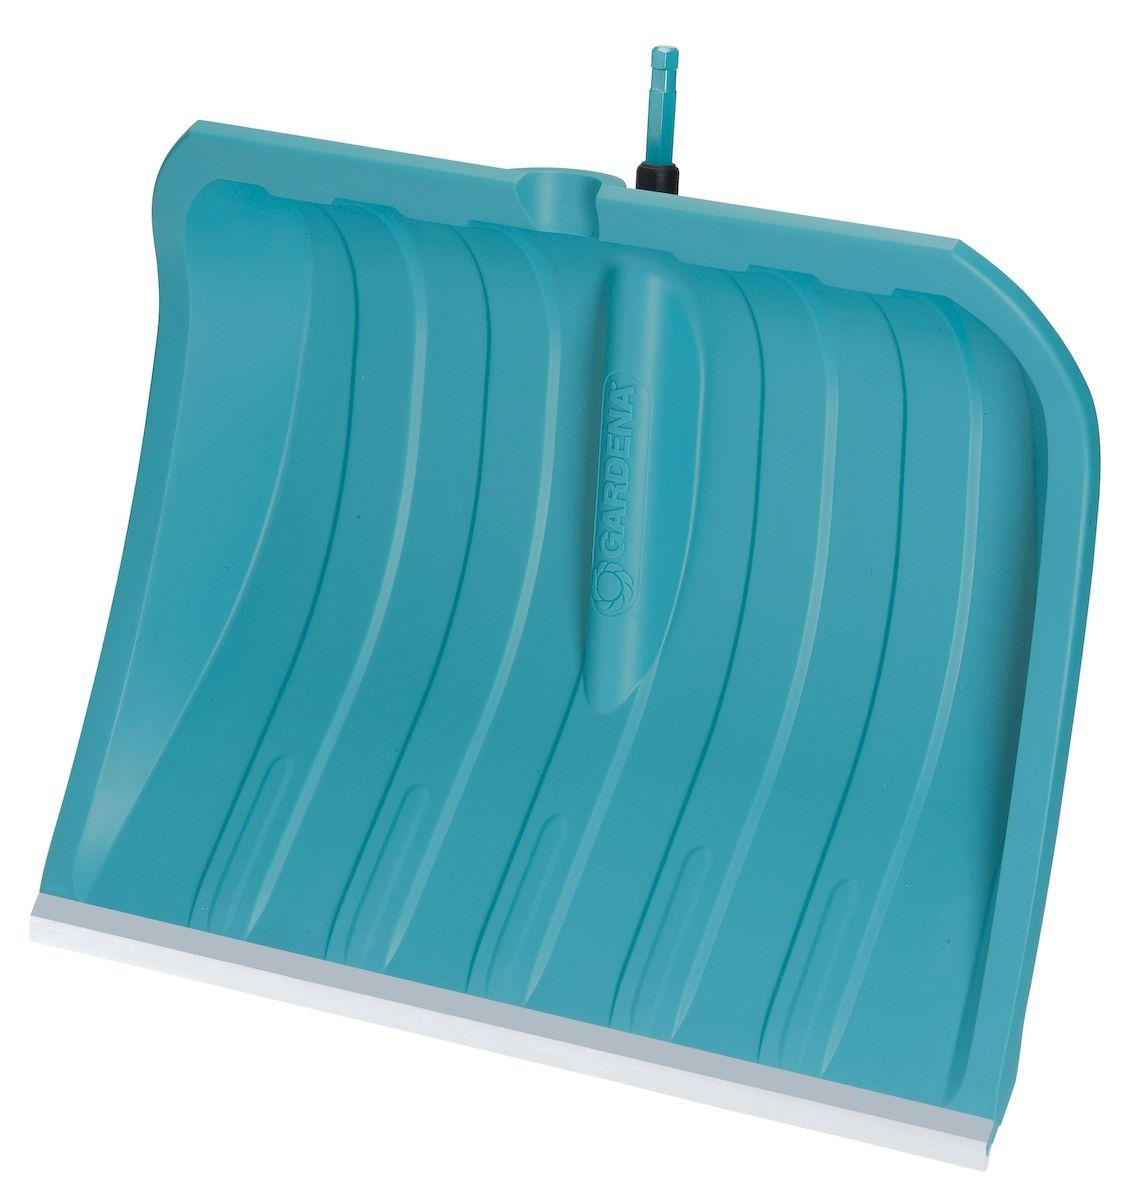 Лопата для уборки снега Gardena c кромкой из нержавеющей стали, без ручки, ширина 50 см531-402Благодаря легкому и прочному пластиковому полотну шириной 50 см, лопата для уборки снега Gardena оптимально подходит для расчистки различных территорий и дорожек от снега. Широкие ребра пластикового полотна обеспечивают легкое скольжение лопаты, а гладкая структура поверхности полотна предотвращает налипание снега. Высокие боковые стенки позволяют легко удерживать снег на лопате во время переноски, при этом снег не соскальзывает сбоку. Пластиковое полотно чрезвычайно устойчиво к воздействию солей и выдерживает отрицательные температуры до - 40 °C. Благодаря кромке из нержавеющей стали, эта лопата для уборки снега идеально подходит для расчистки от снега таких поверхностей, как асфальт и бетон. Лопата для уборки подходит ко всем ручкам. Рабочая ширина лопаты - 50 см.